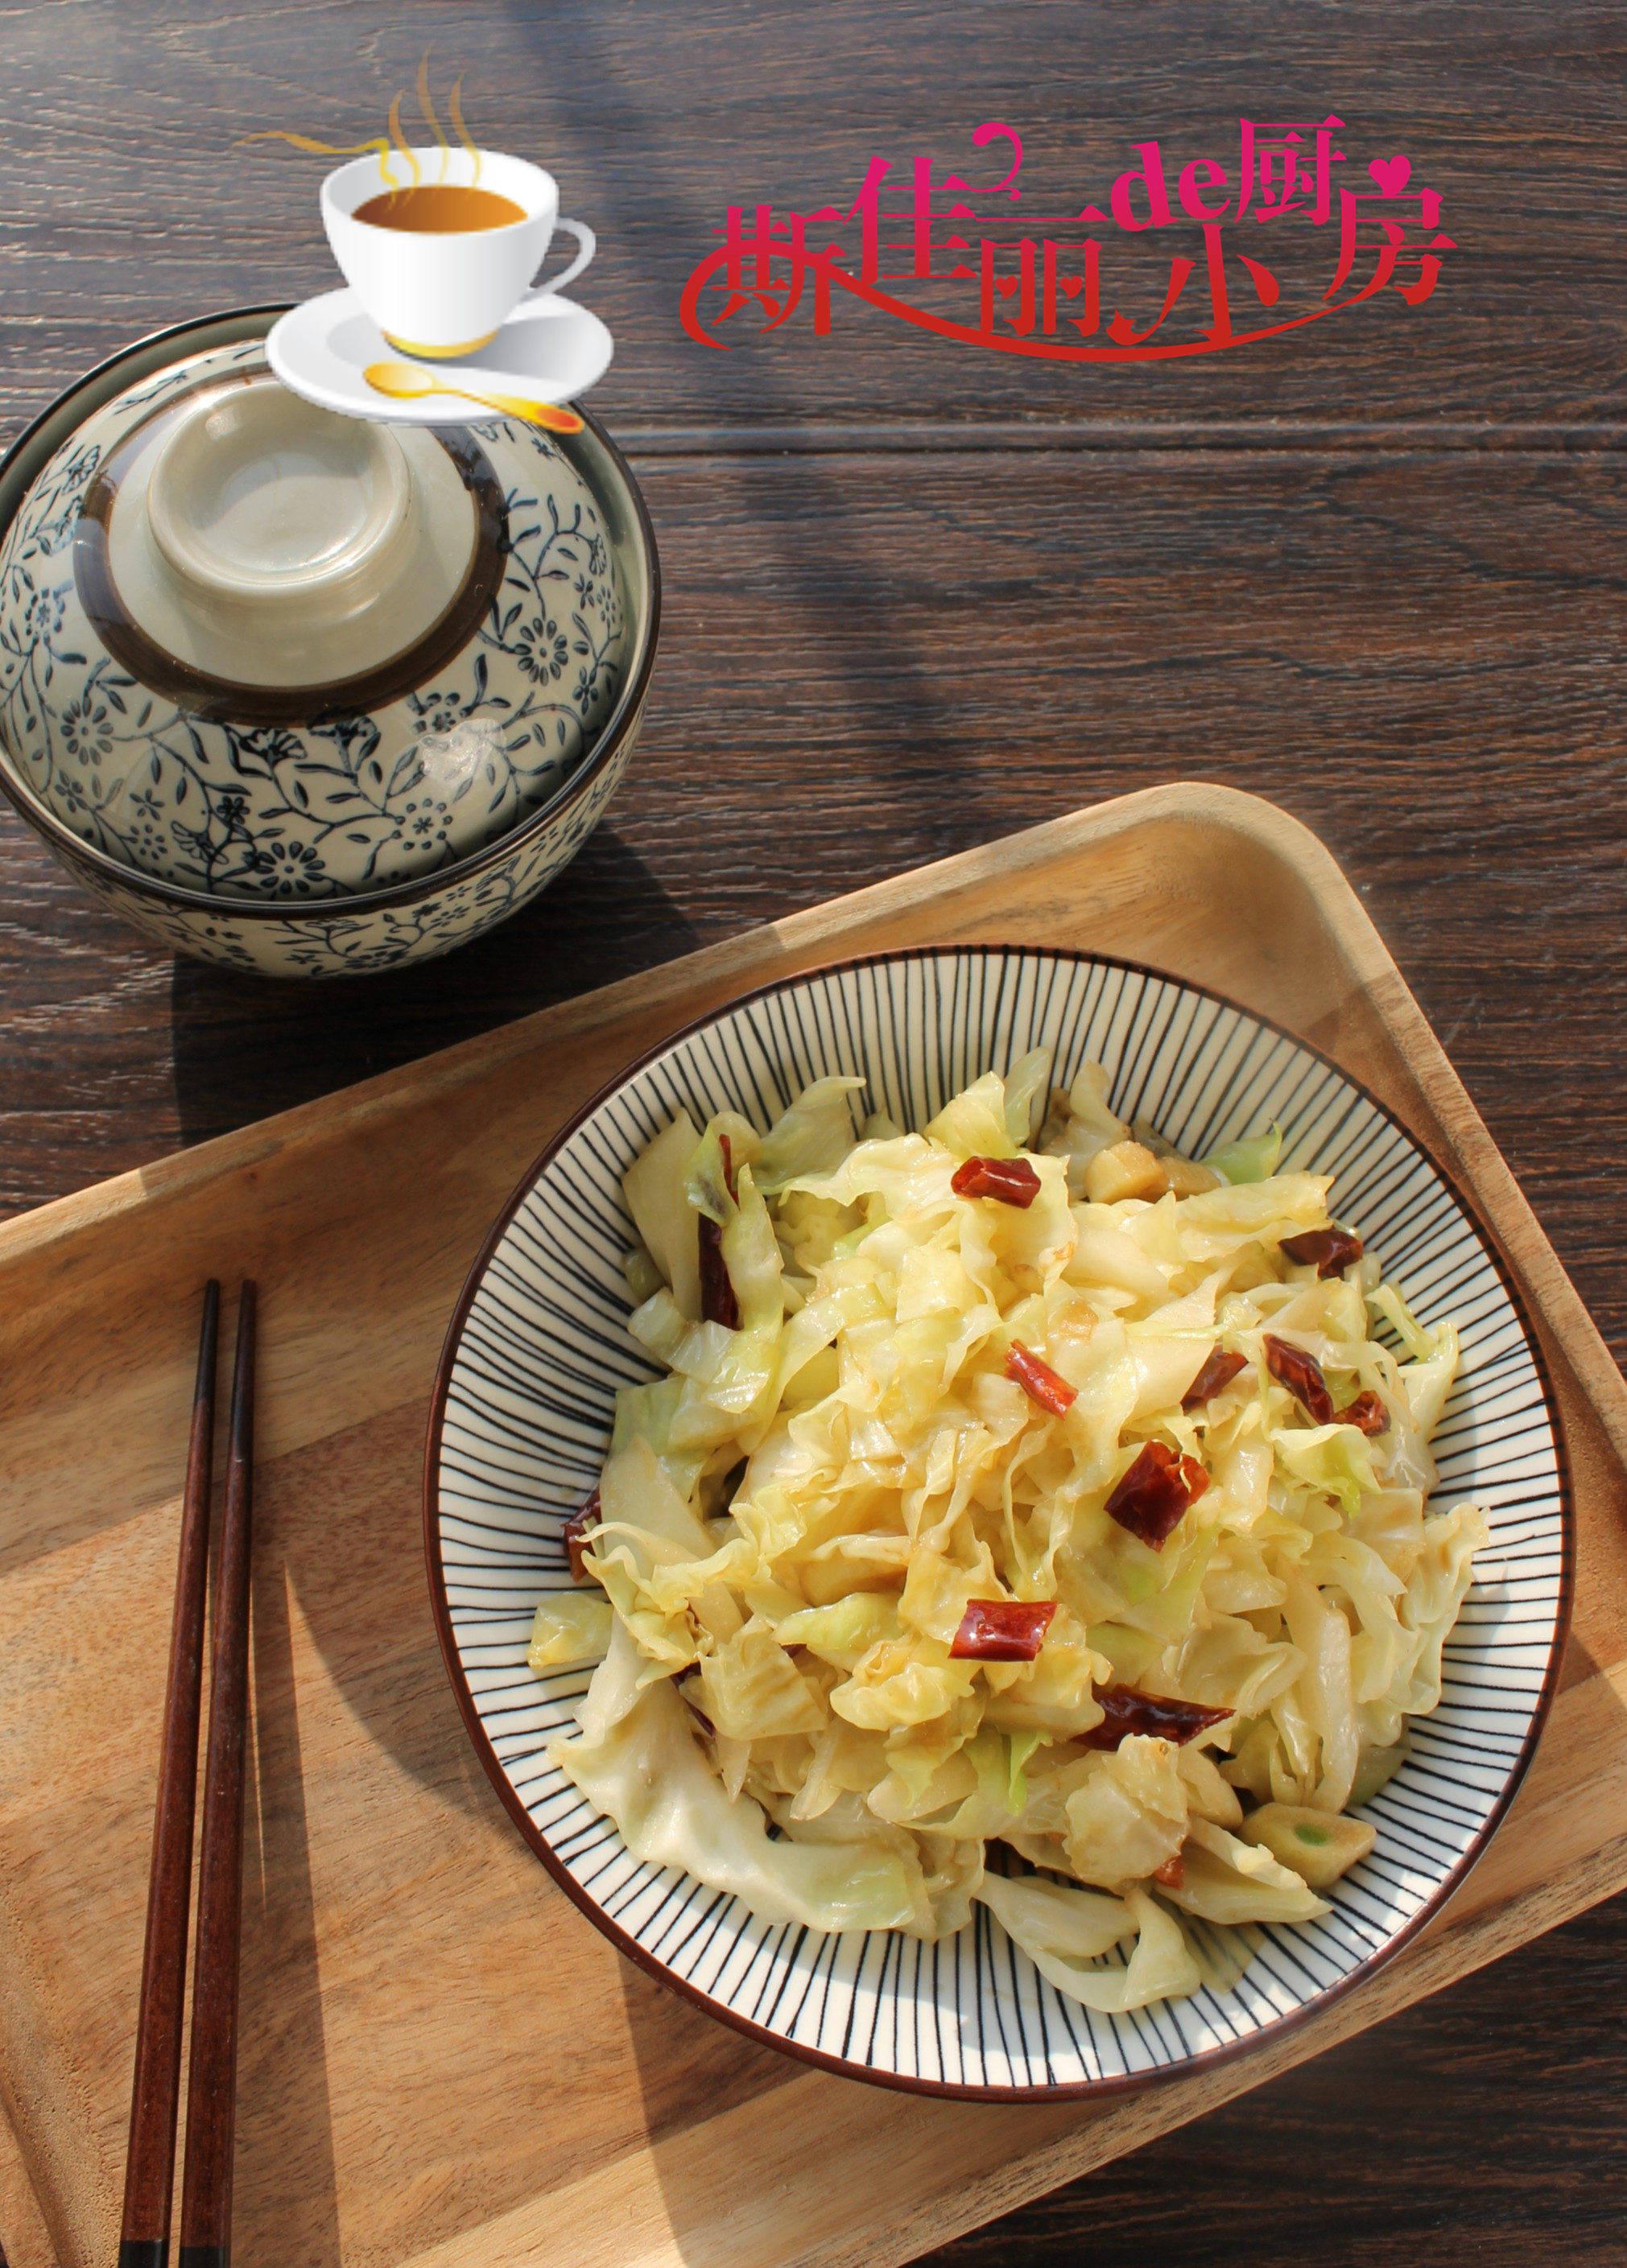 冬天白菜萝卜统统靠边站,要多吃这菜,清肠又减脂,成本才两块钱